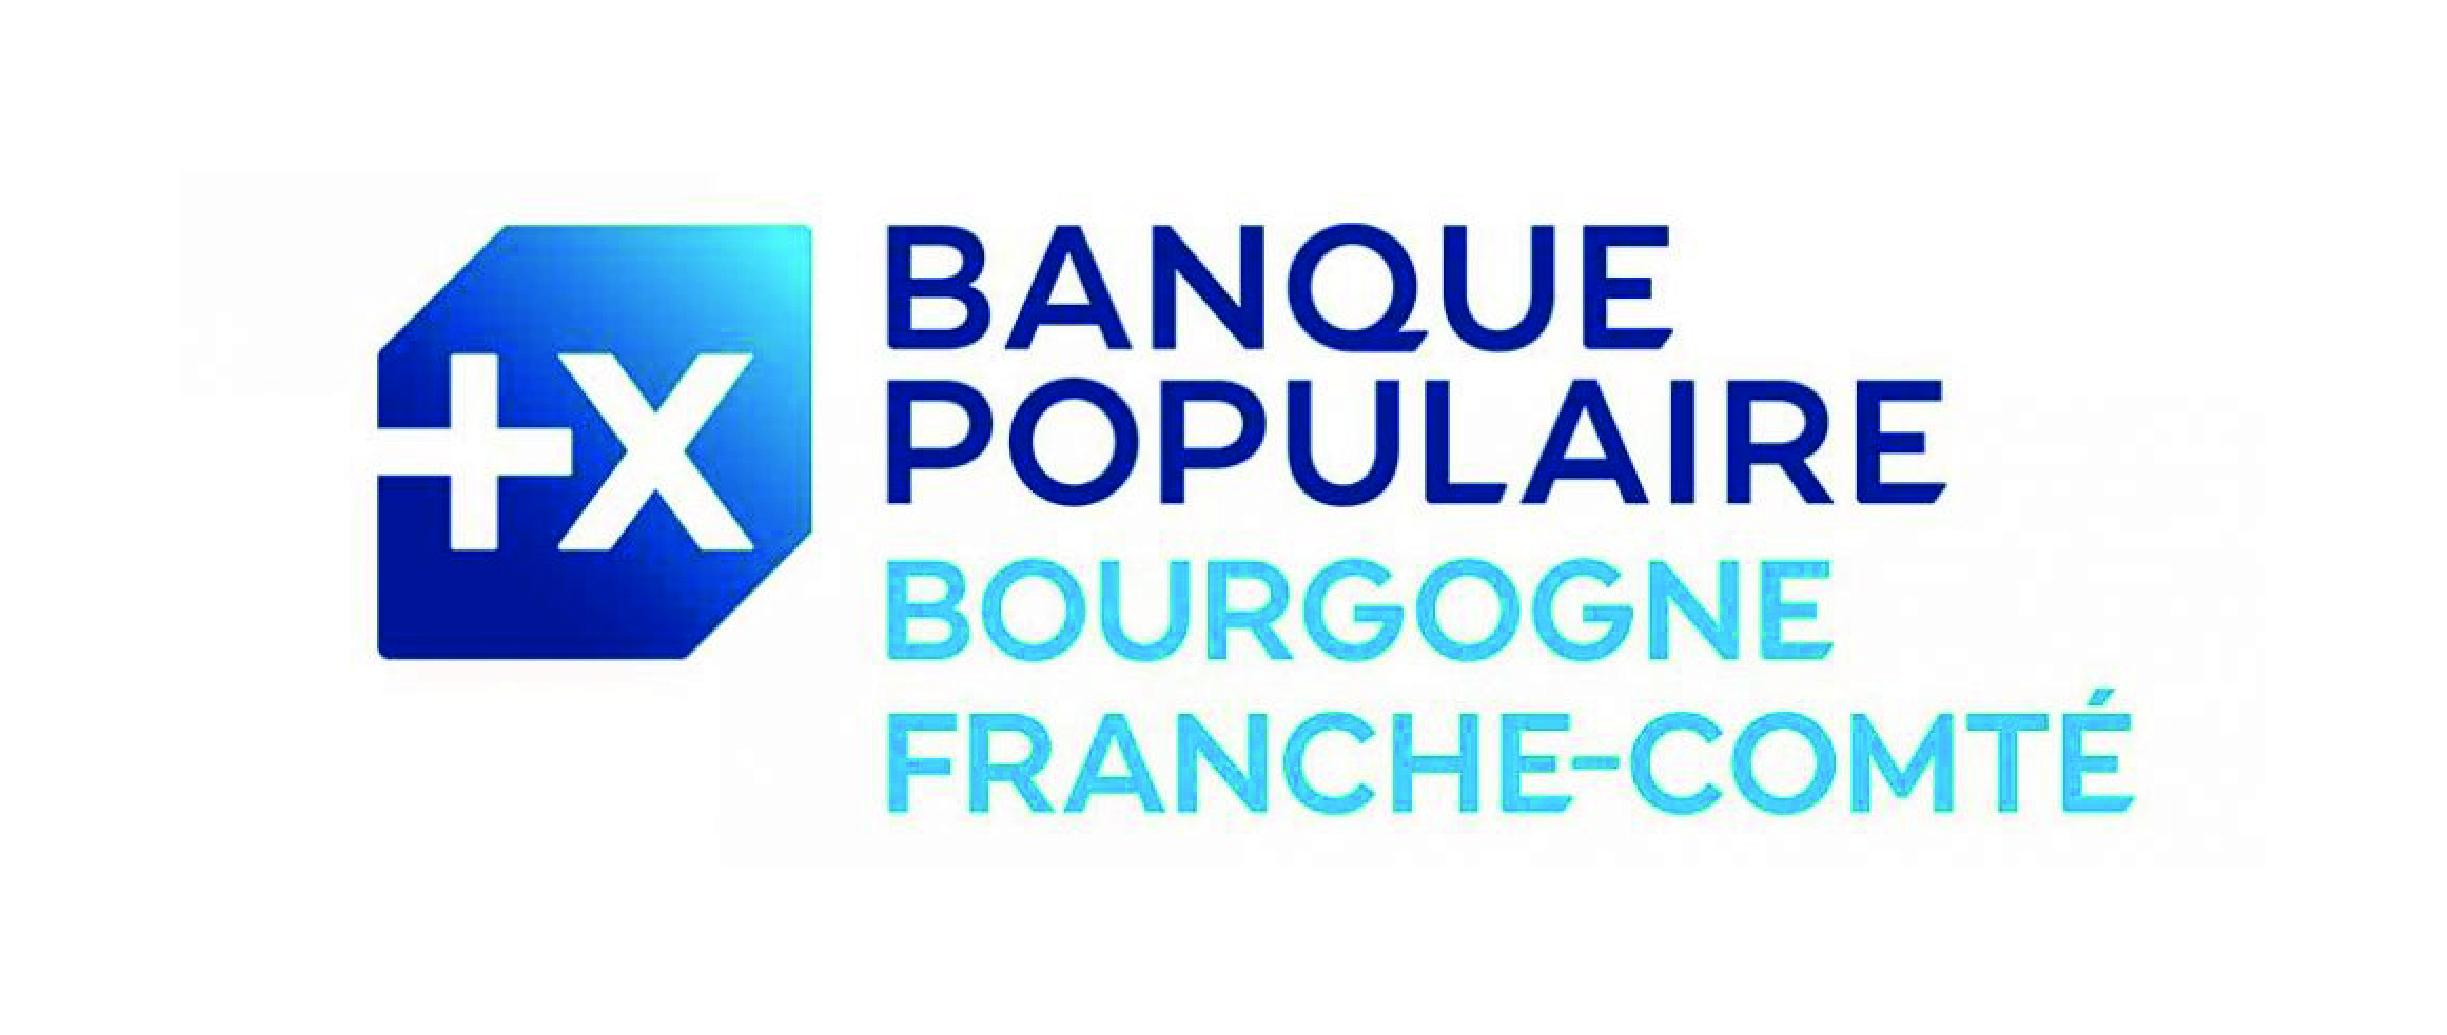 banque_populaire